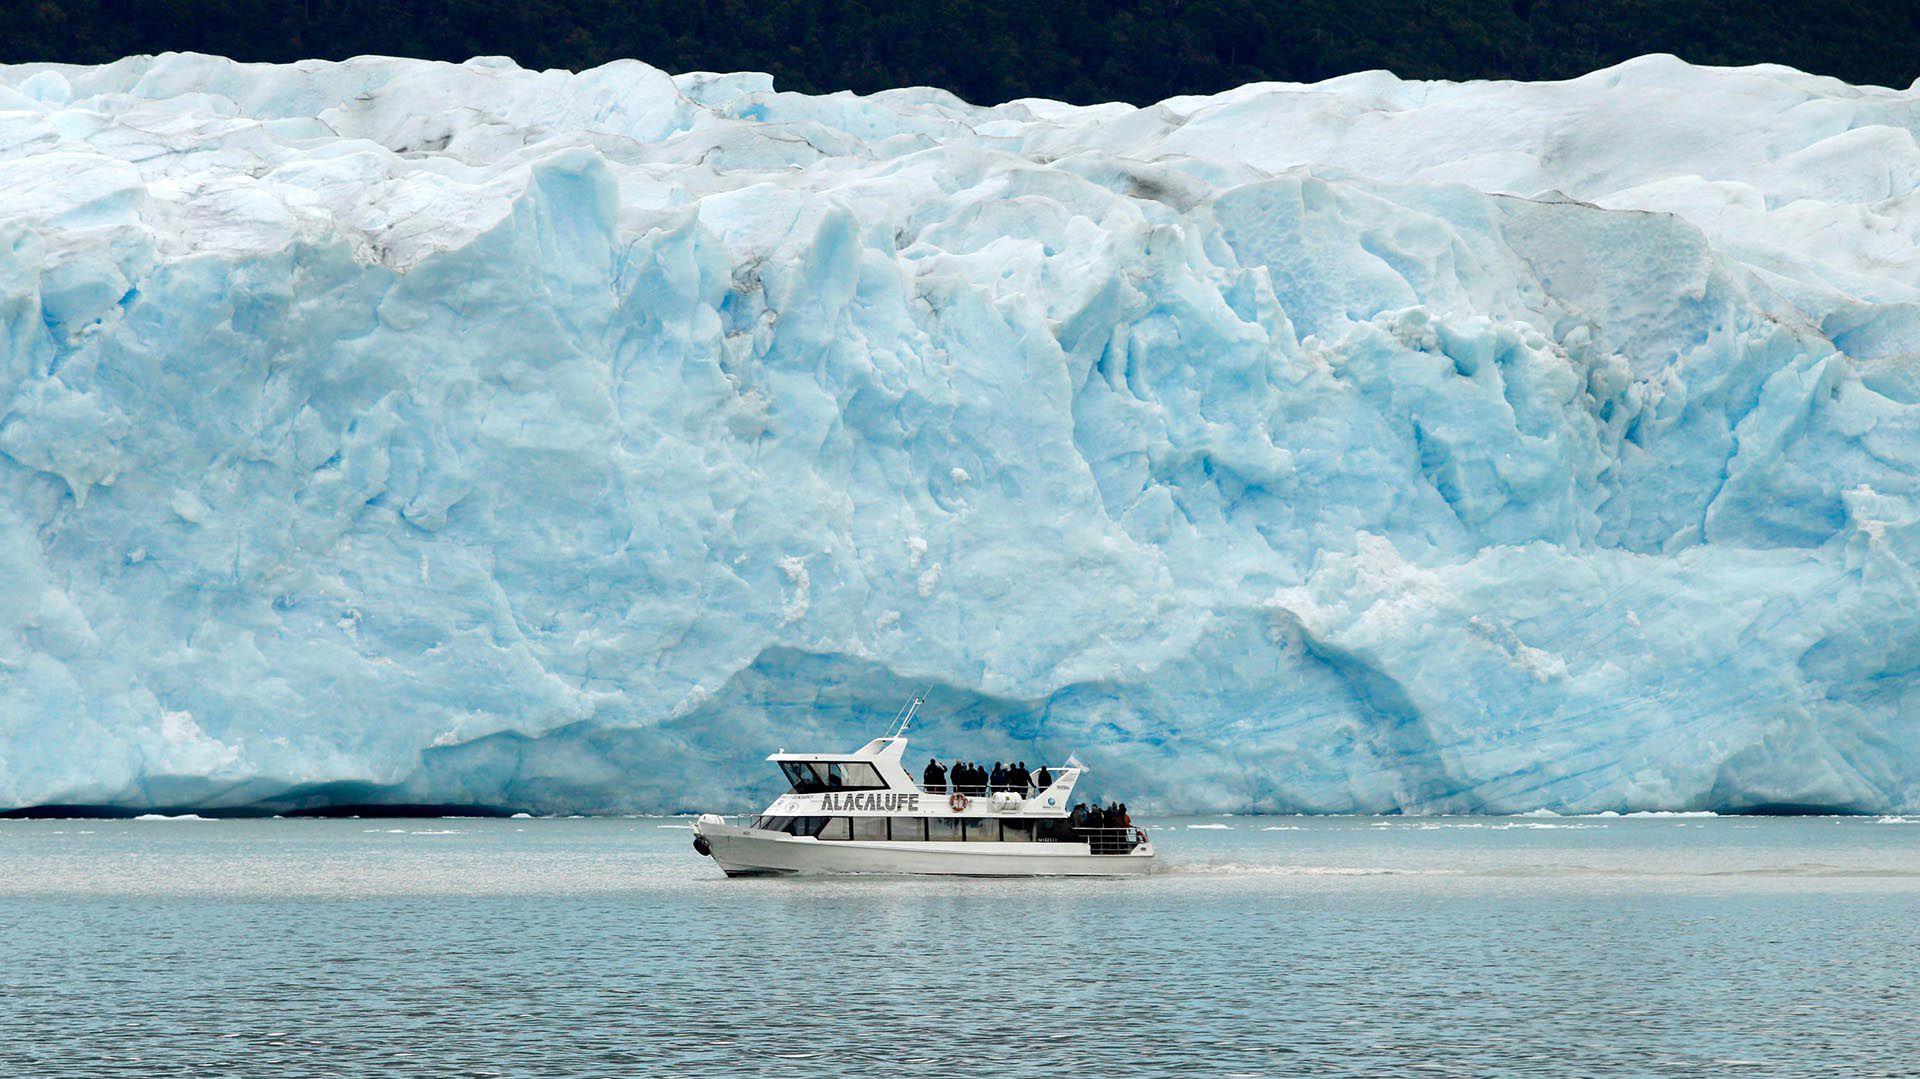 Fue el primer febrero de la historia en que las visitas al Parque Nacional los Glaciares, desde donde se avista el Glaciar Perito Moreno, superó la marca de 80.000 visitas AFP PHOTO / Walter Diazzzzz